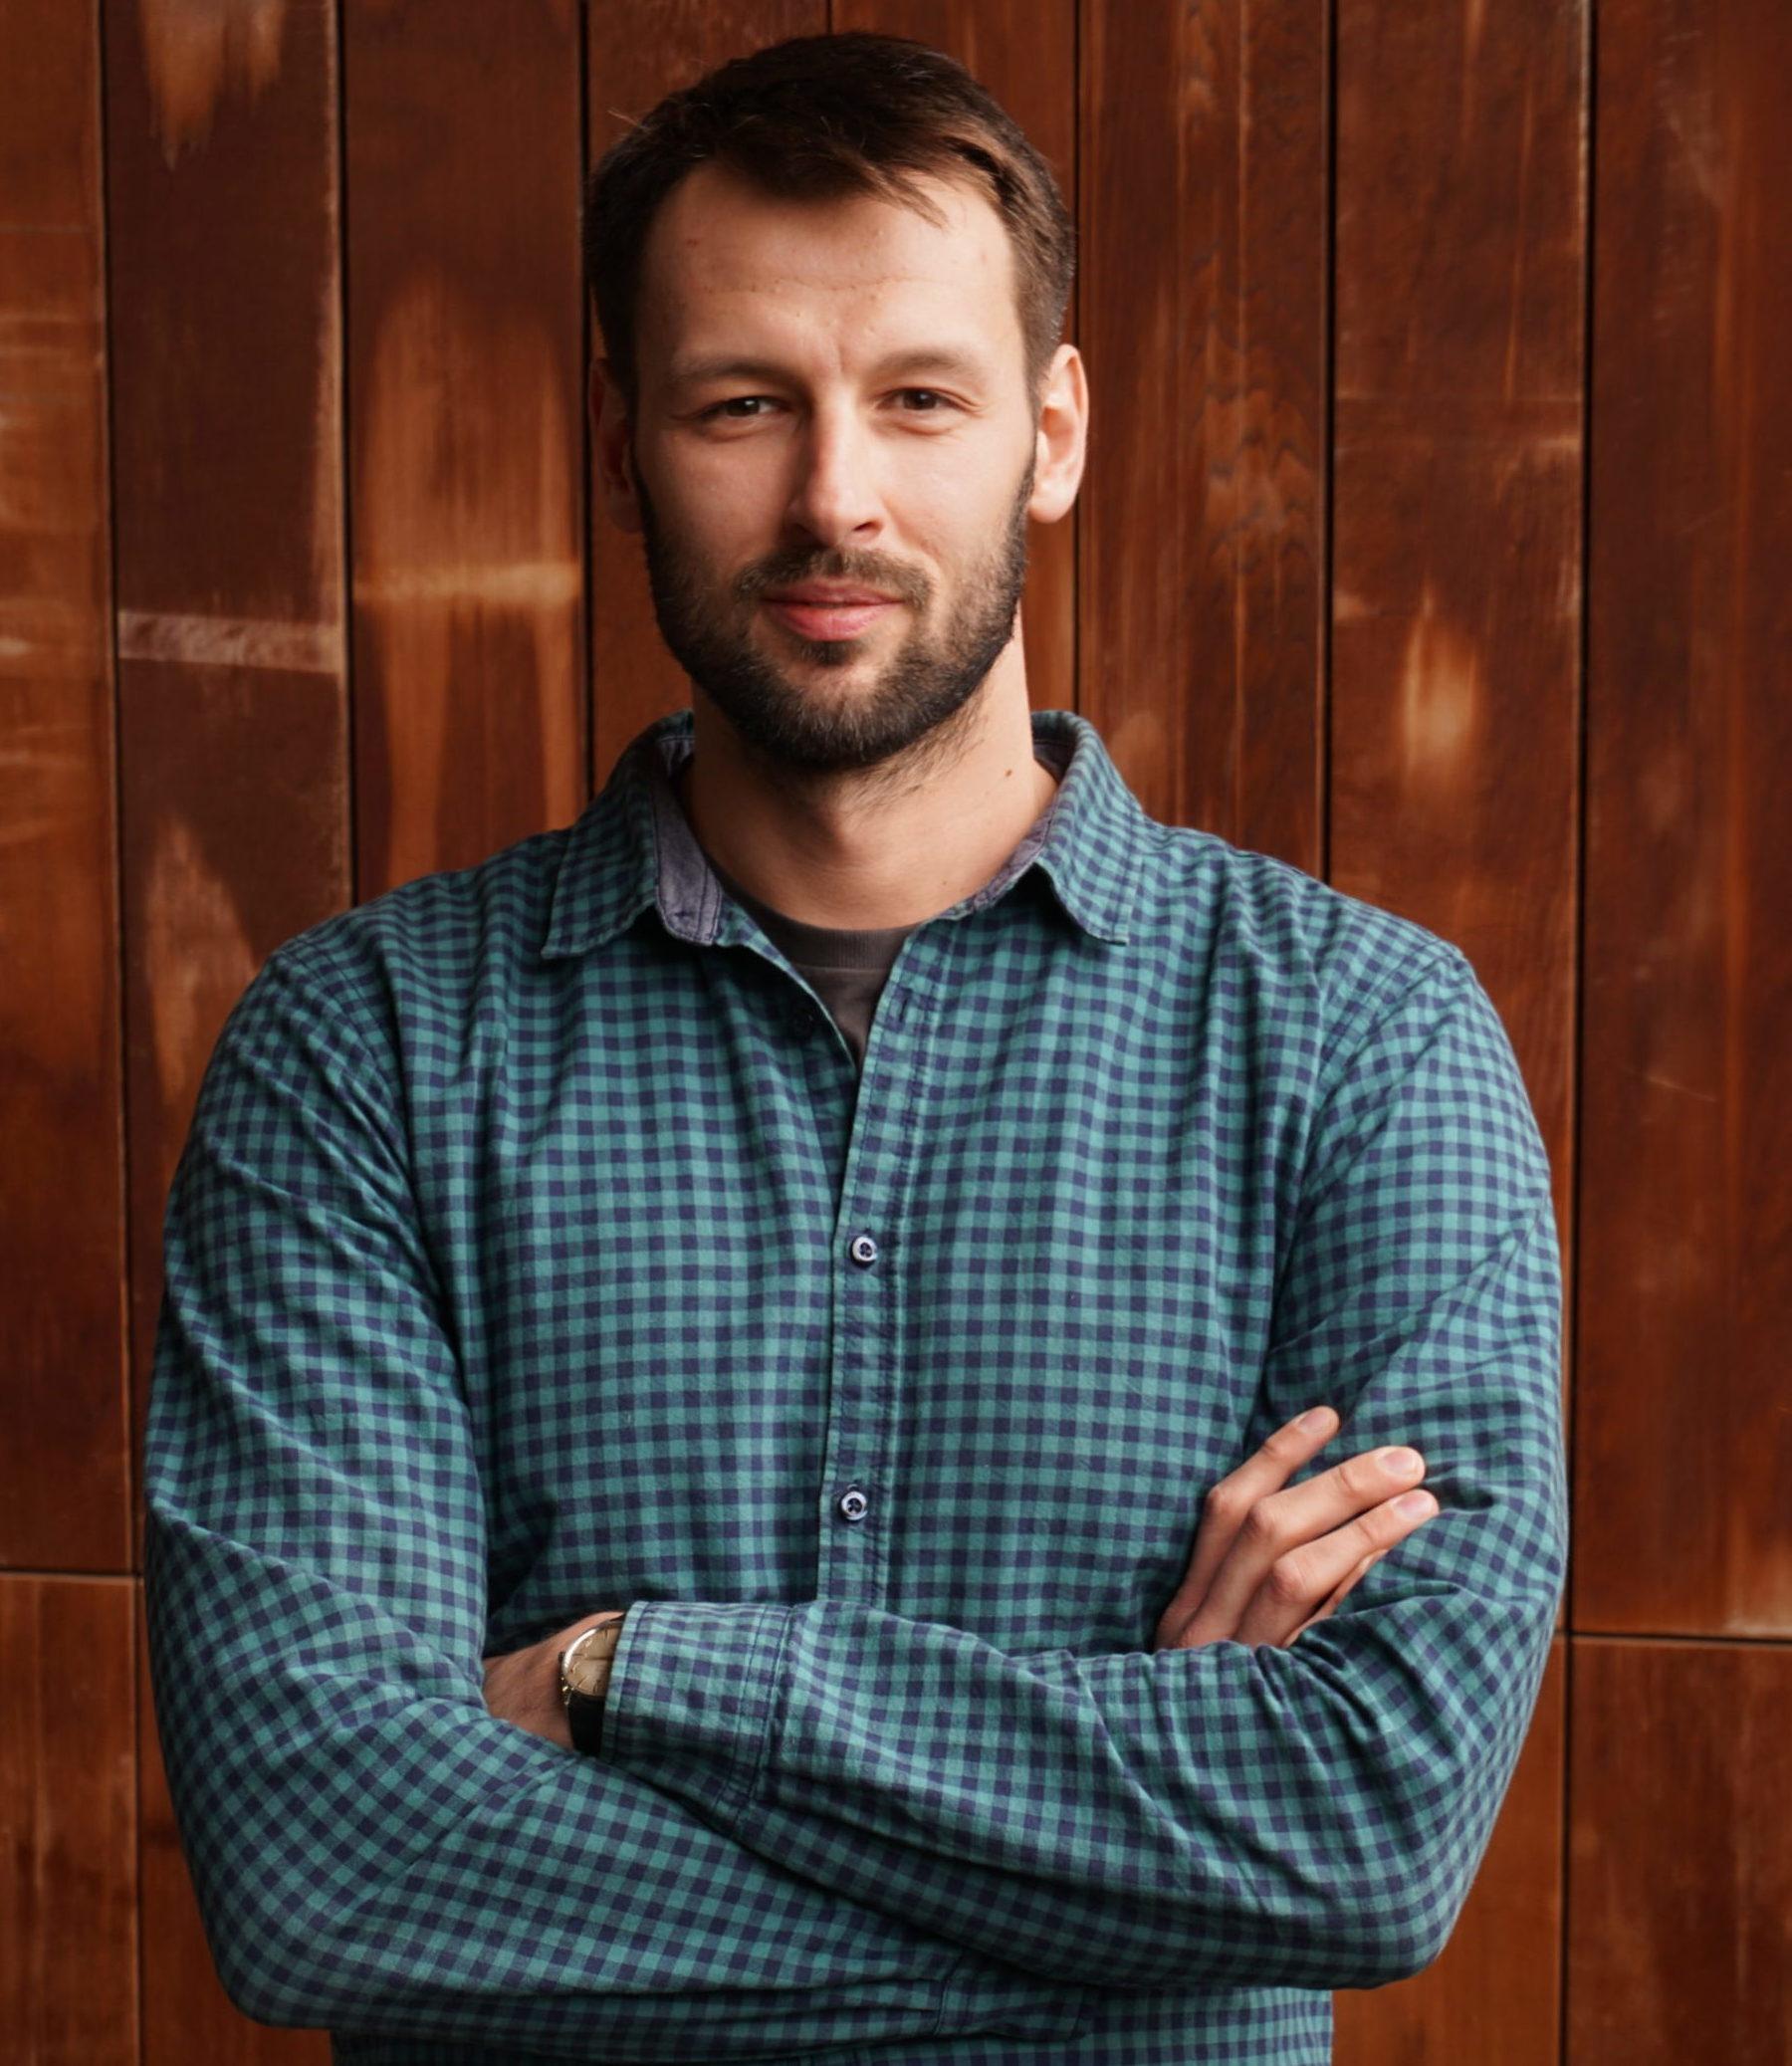 Jakub Dodot